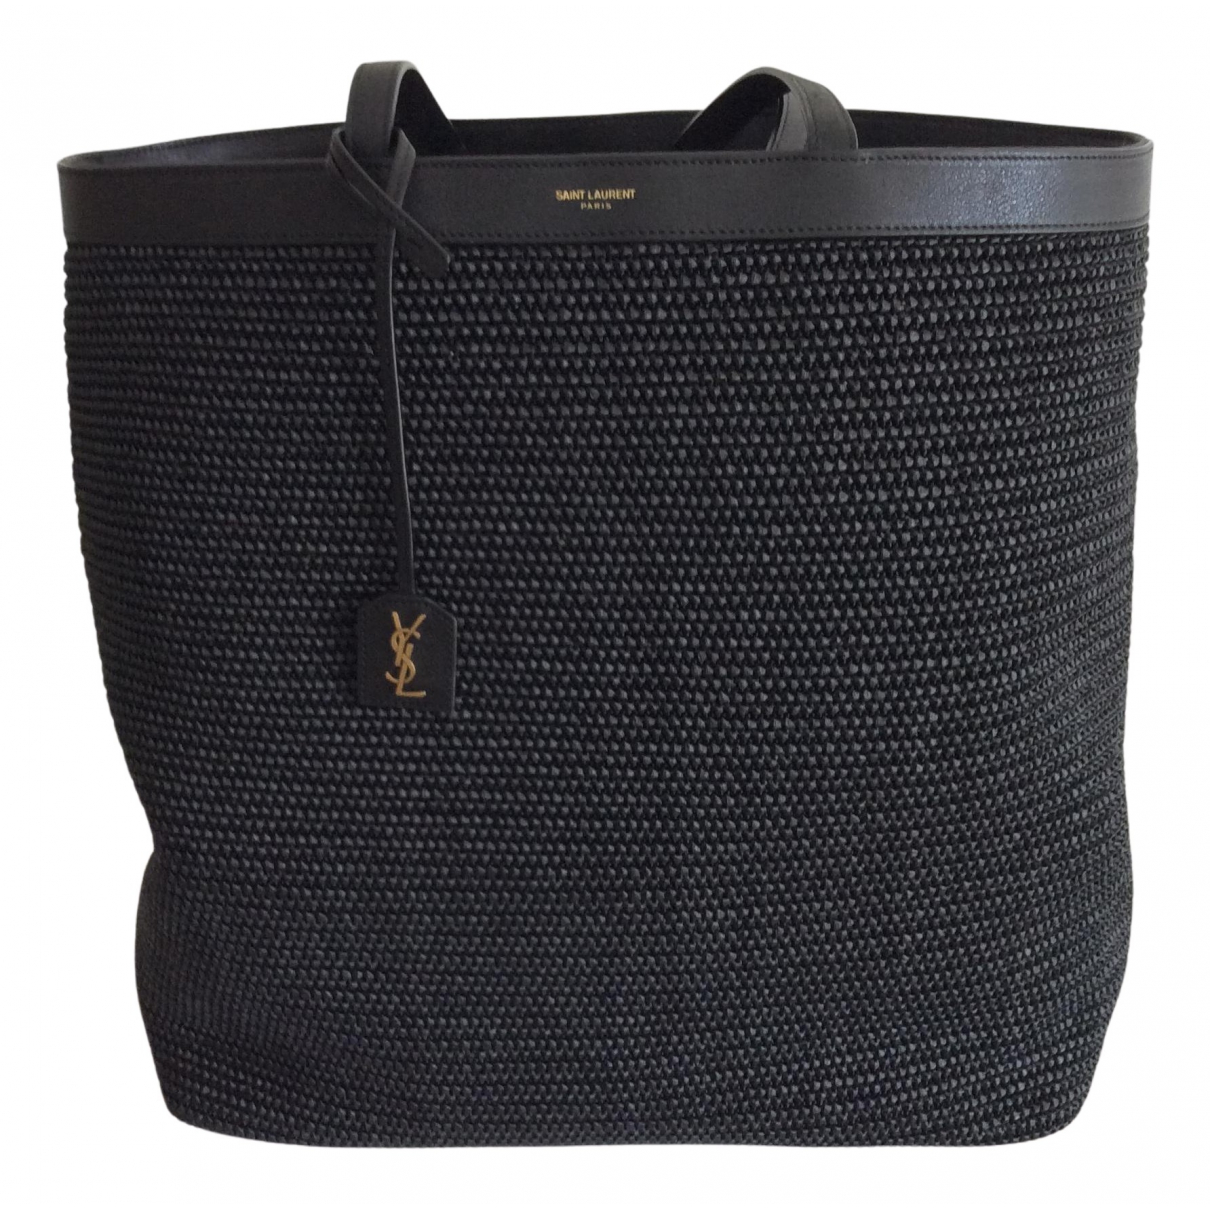 Saint Laurent N Black handbag for Women N